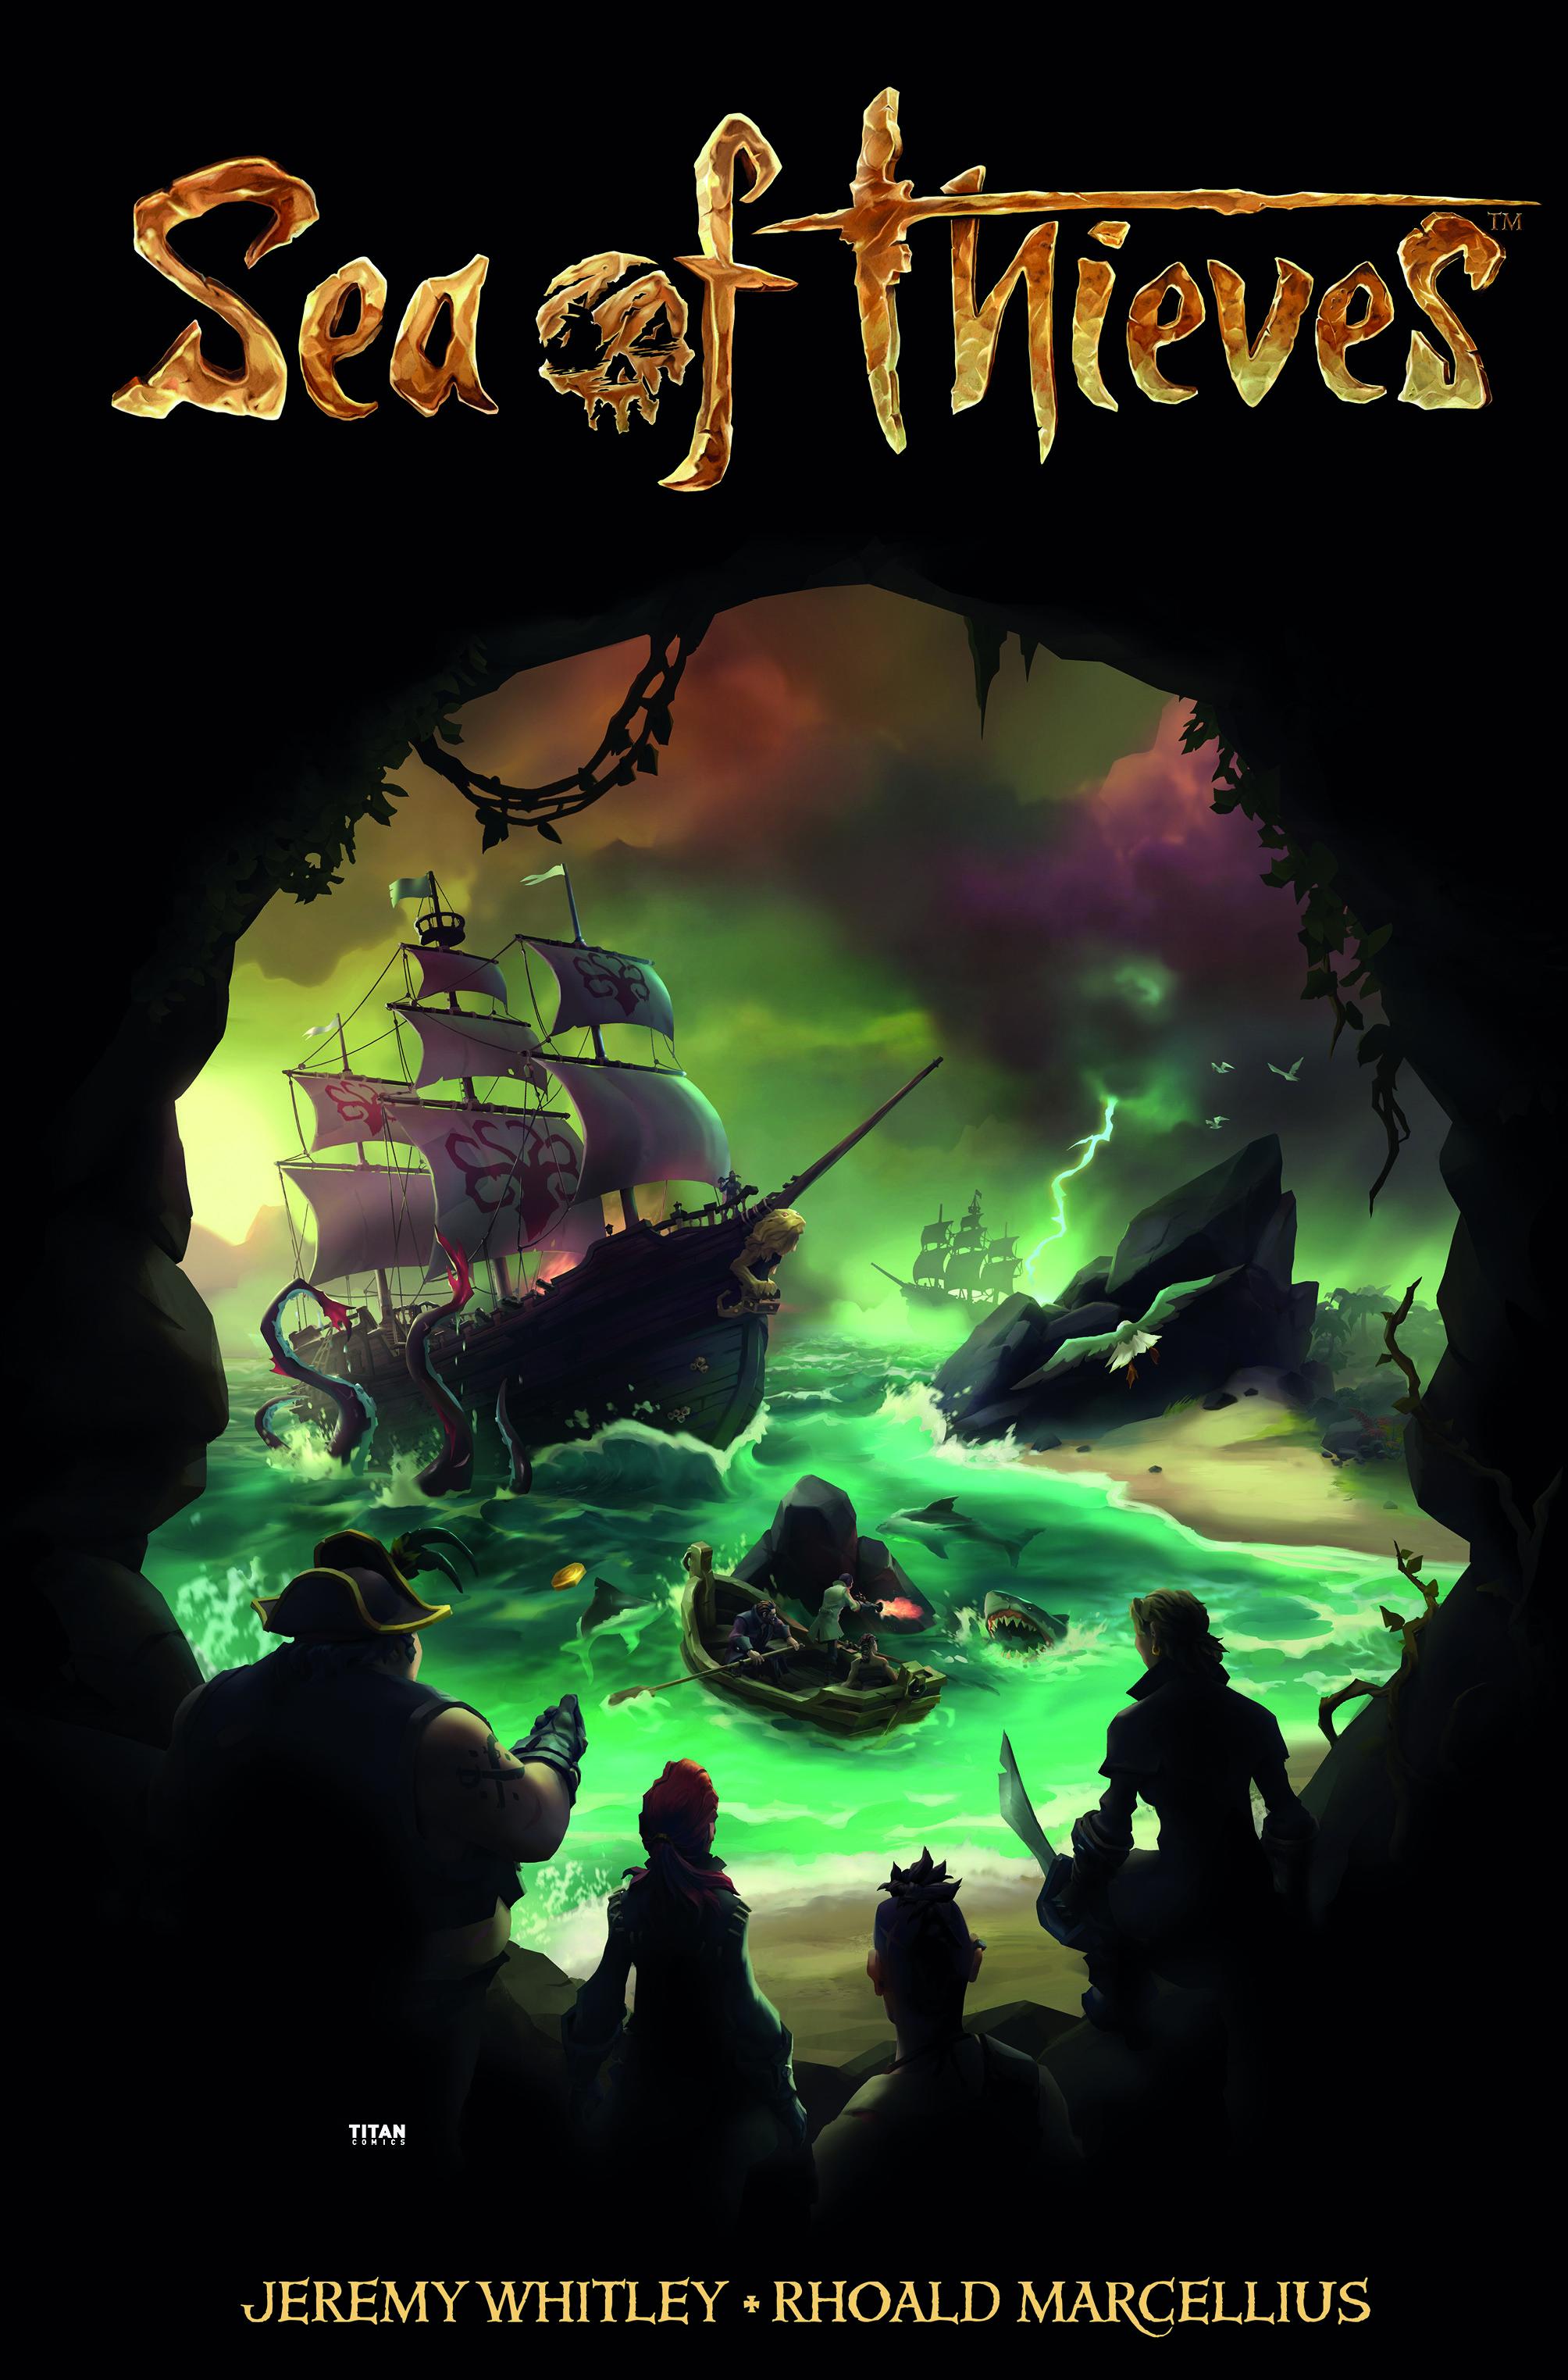 Sea of Thieves tendrá una línea de cómics que se estrenará en 2018